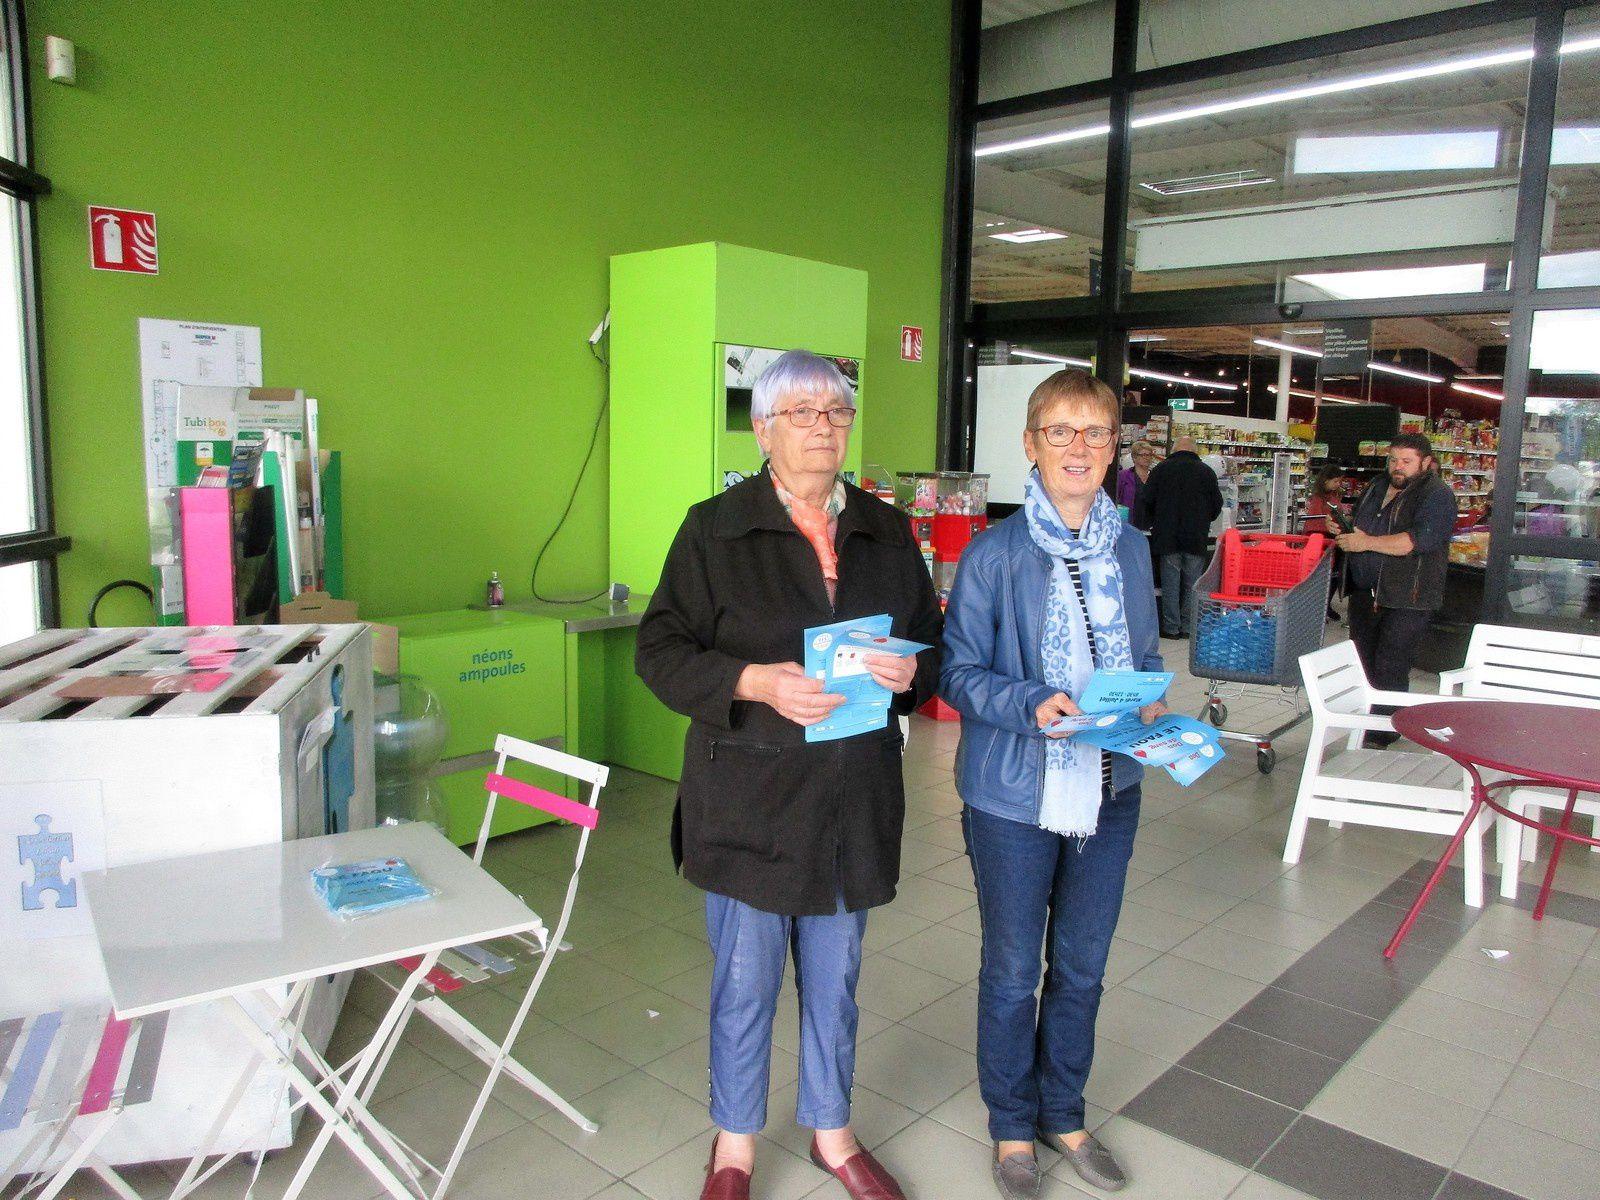 Albertine à gauche sur la photo et Jeannine à droite, posent pour la photo en attendant les clients du magasin